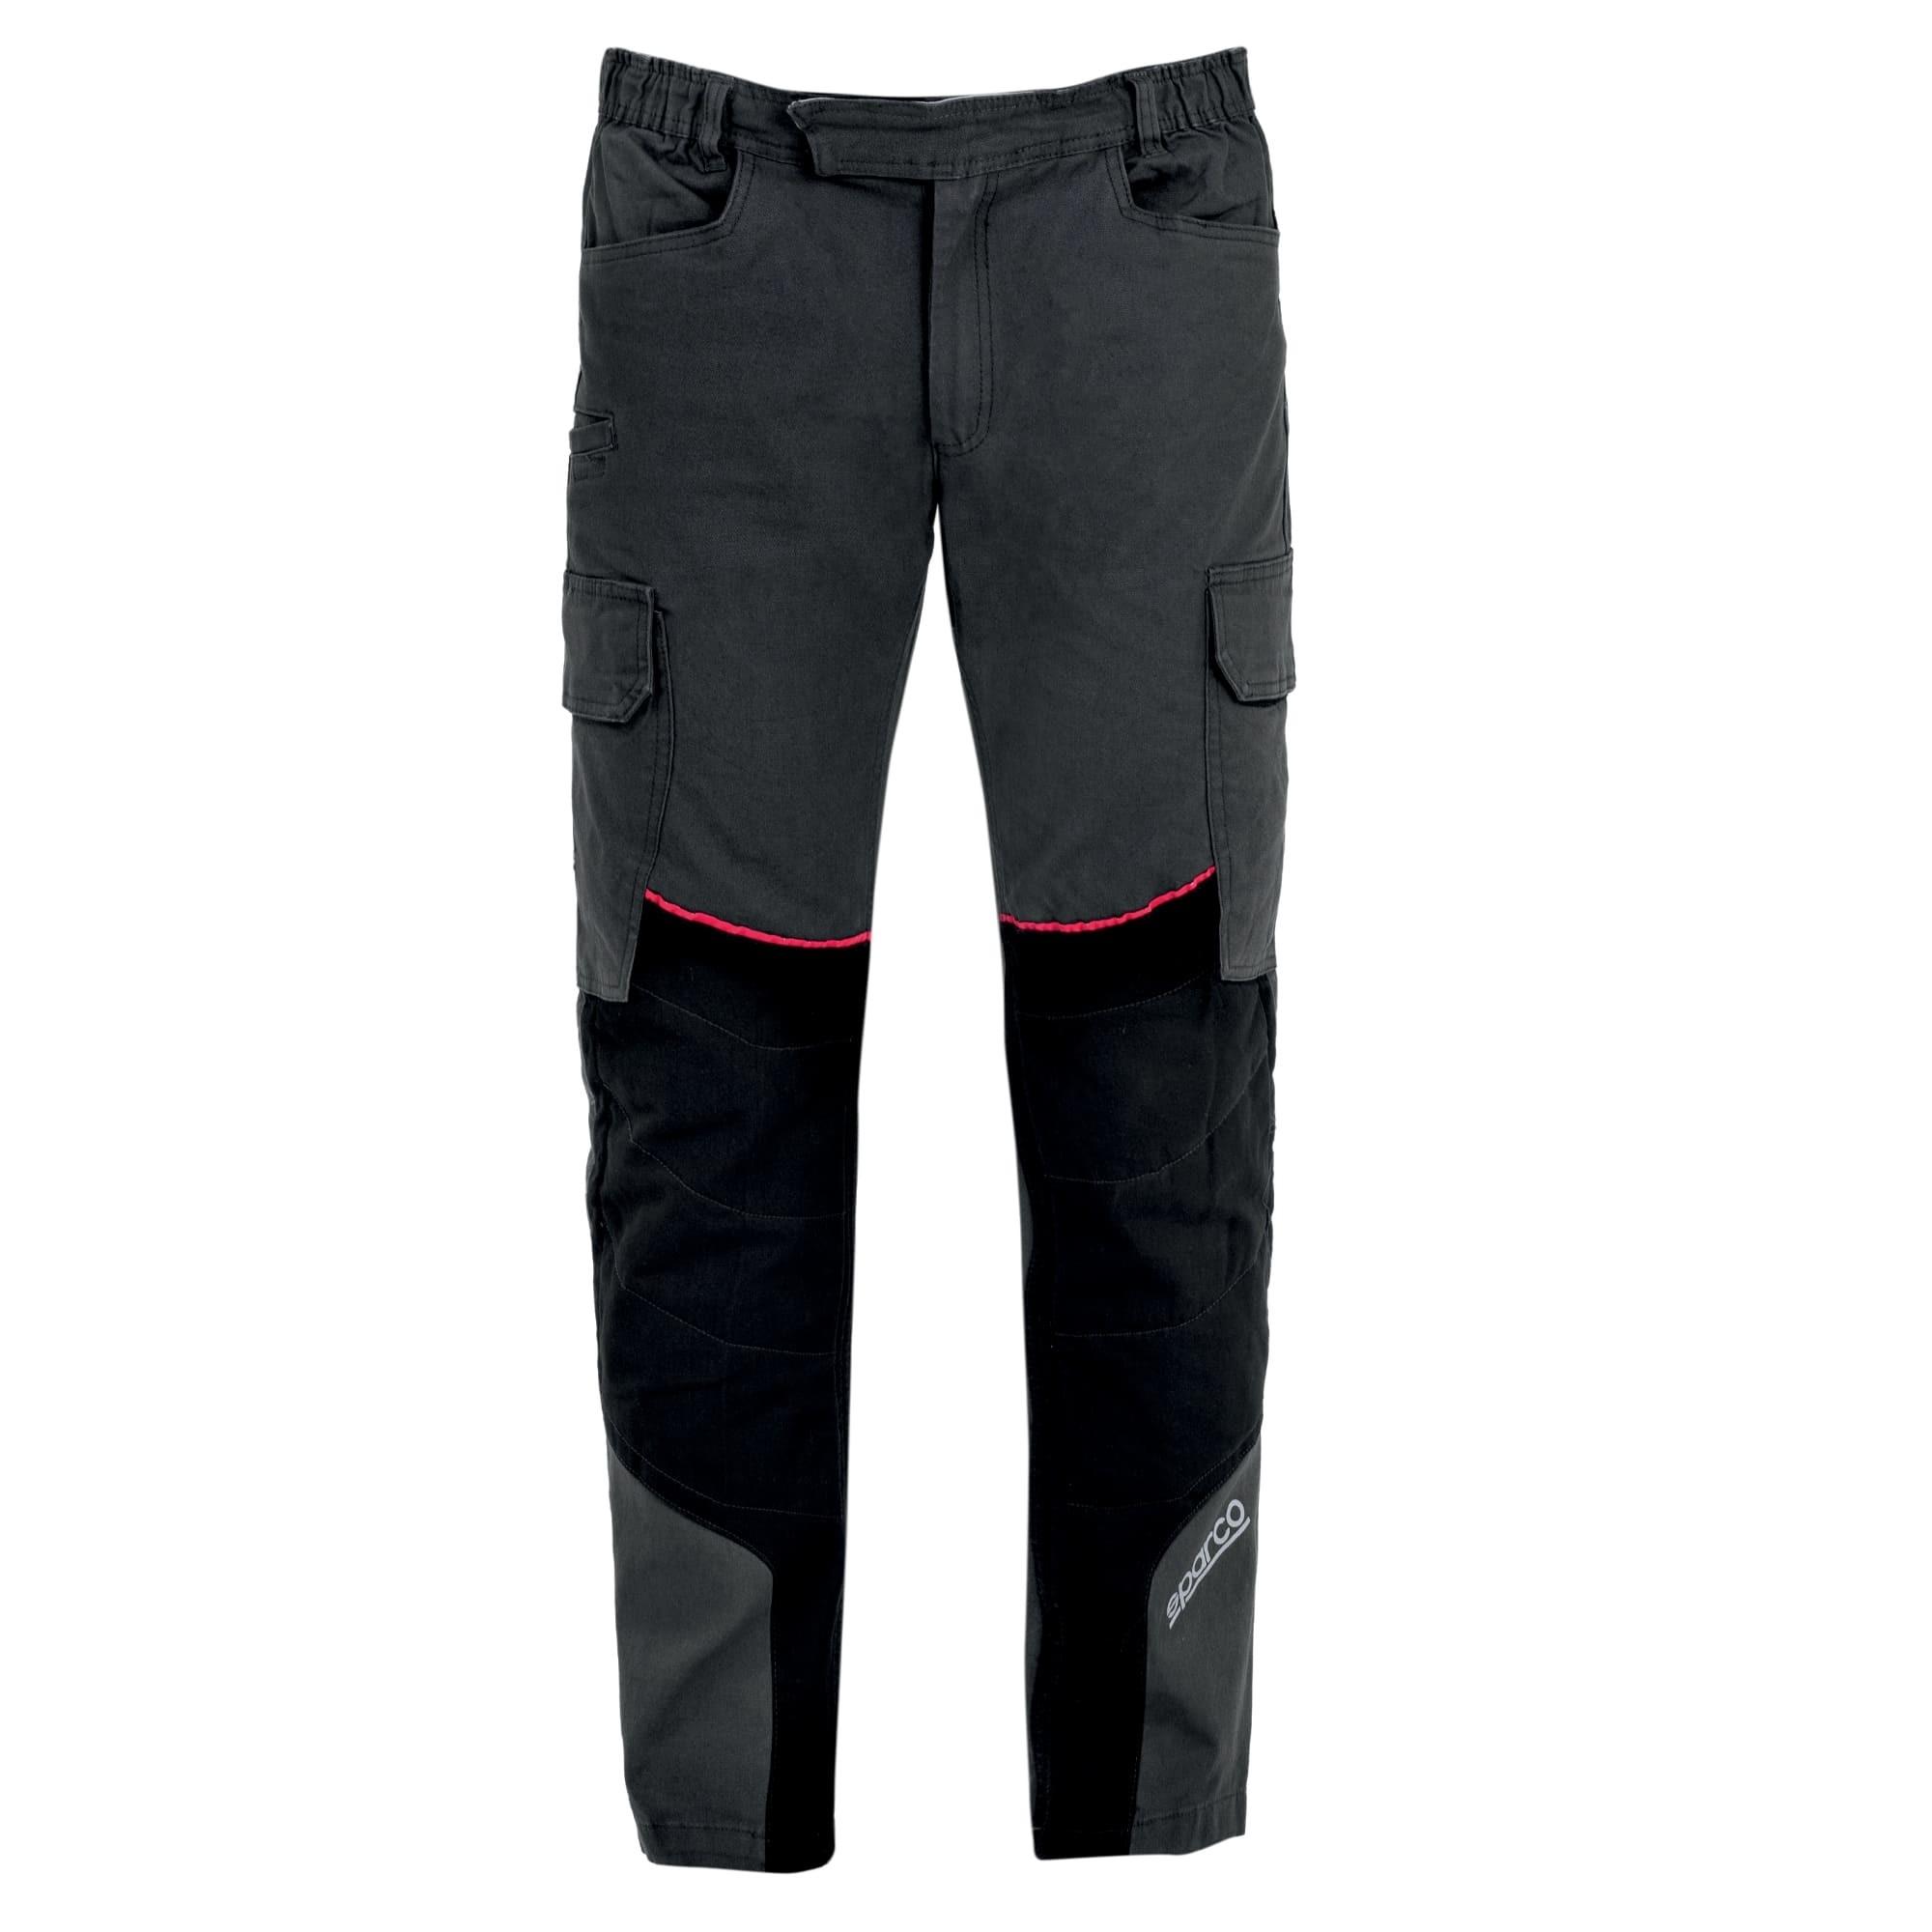 Pantaloni da lavoro Sparco HOUSTON Cargo-Tech Elasticizzati con inserti su ginocchia Multitasche